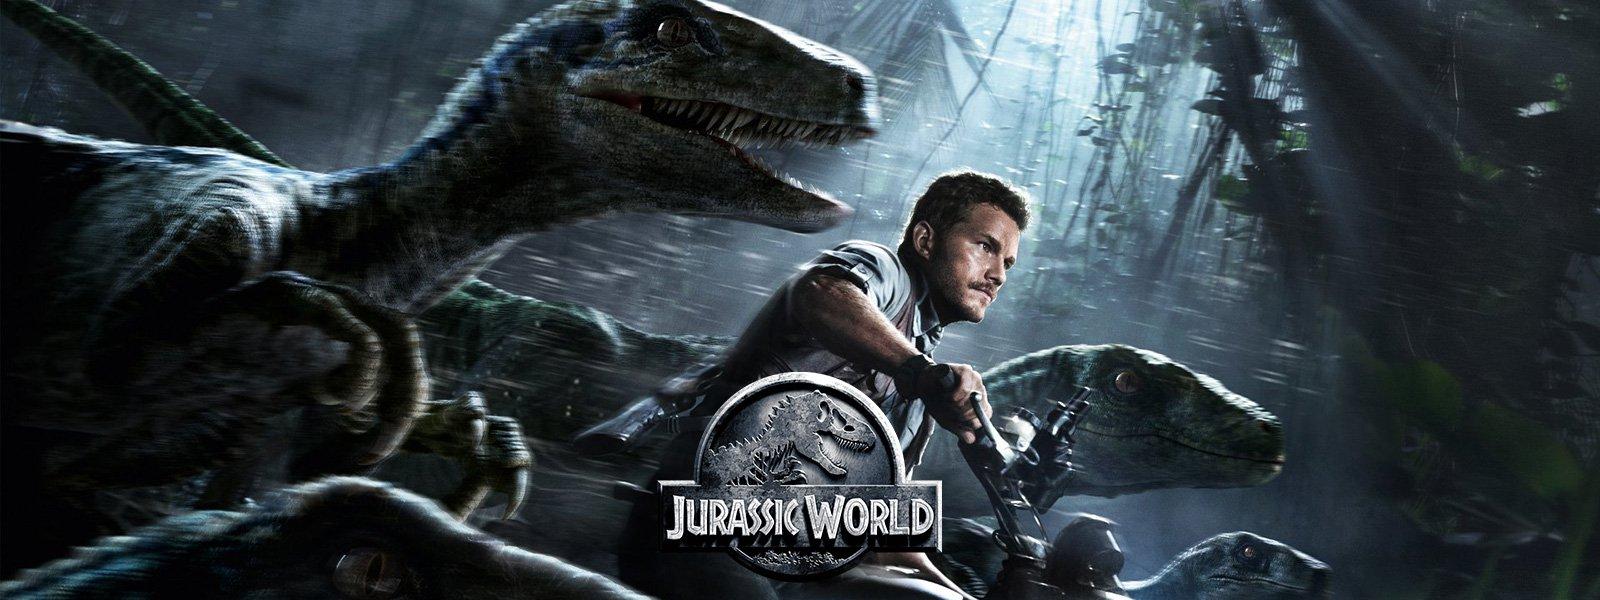 Công Viên Kỷ Jura 4 - Jurassic World - 2015